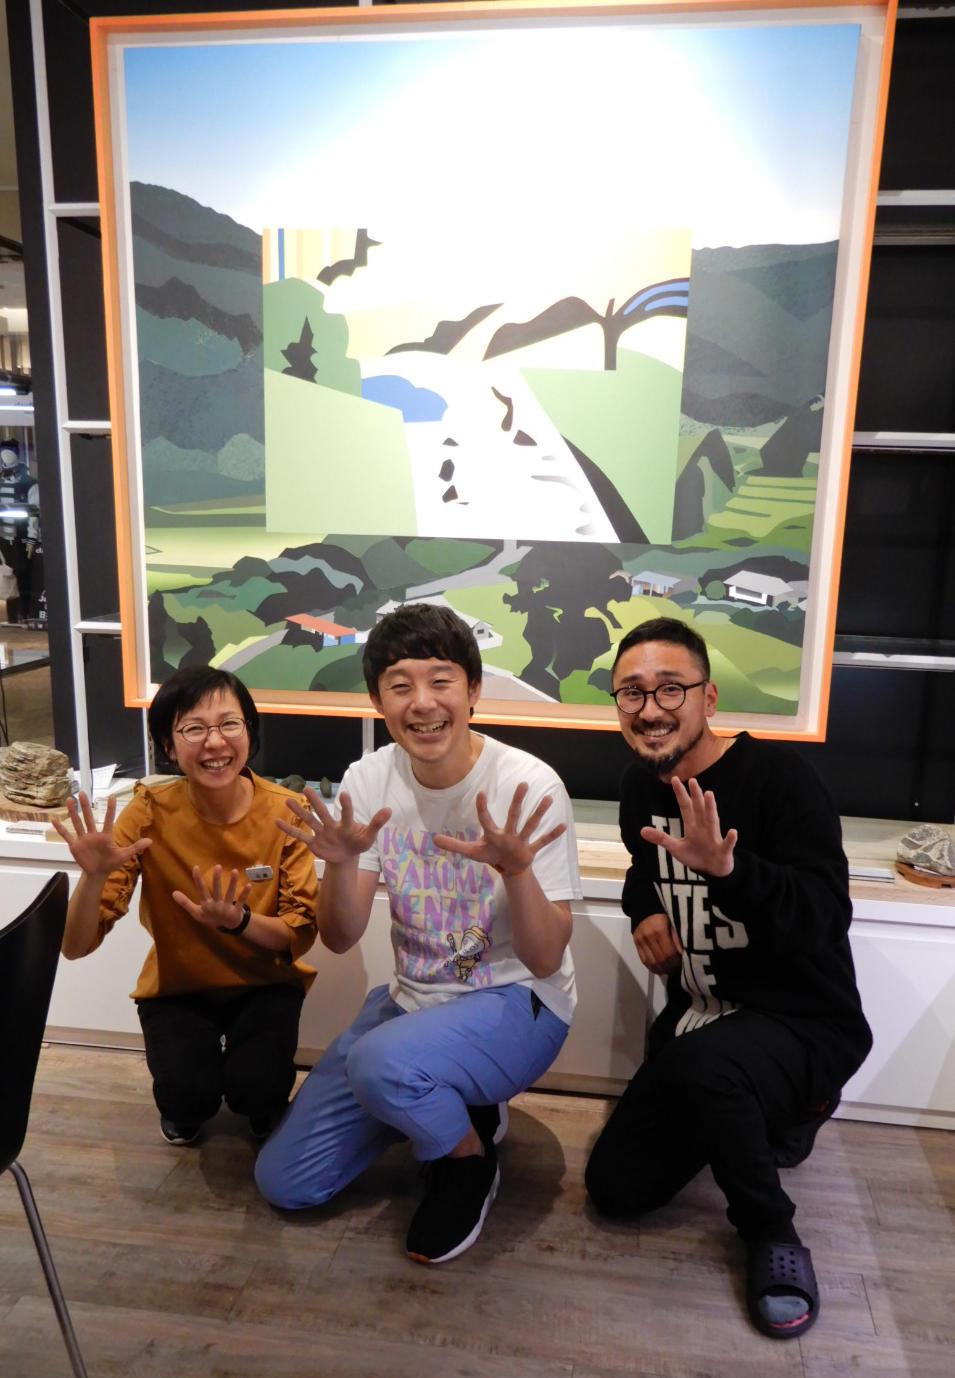 http://news.yoshimoto.co.jp/20181206225834-9f0cc7d9e33277e3aac367426307db8b444ca639.jpg